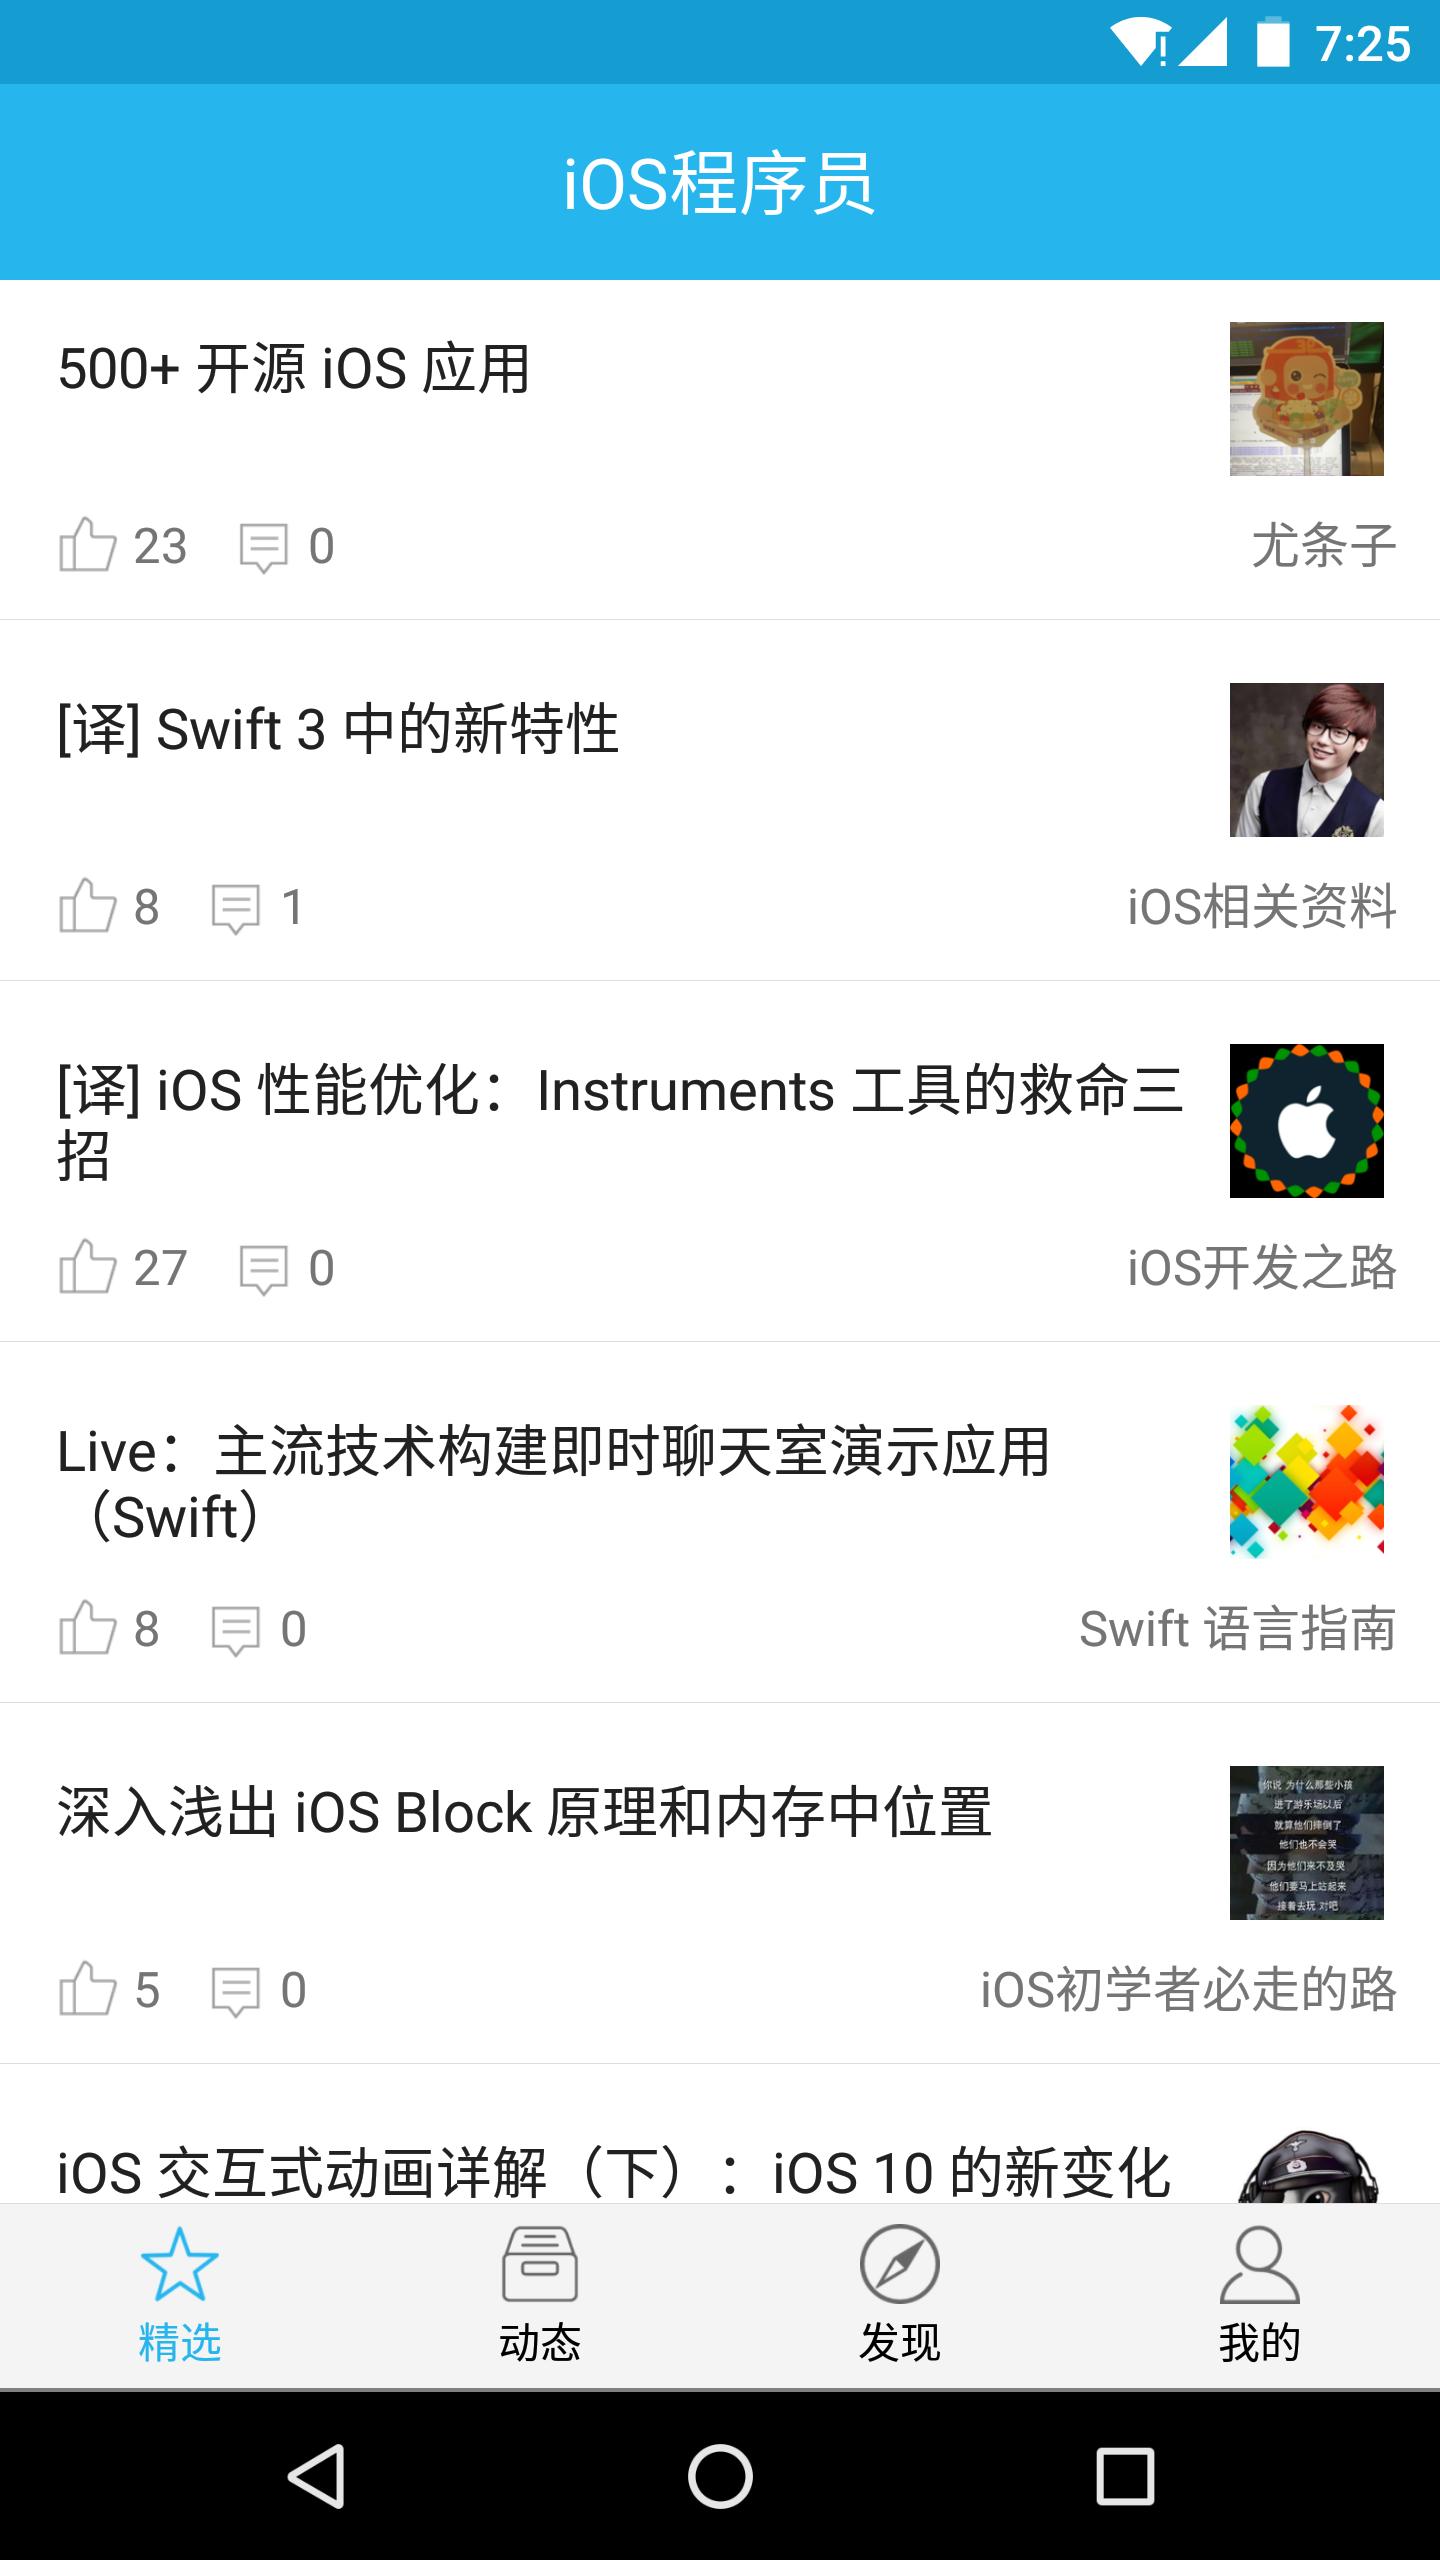 iOS程序员软件截图0